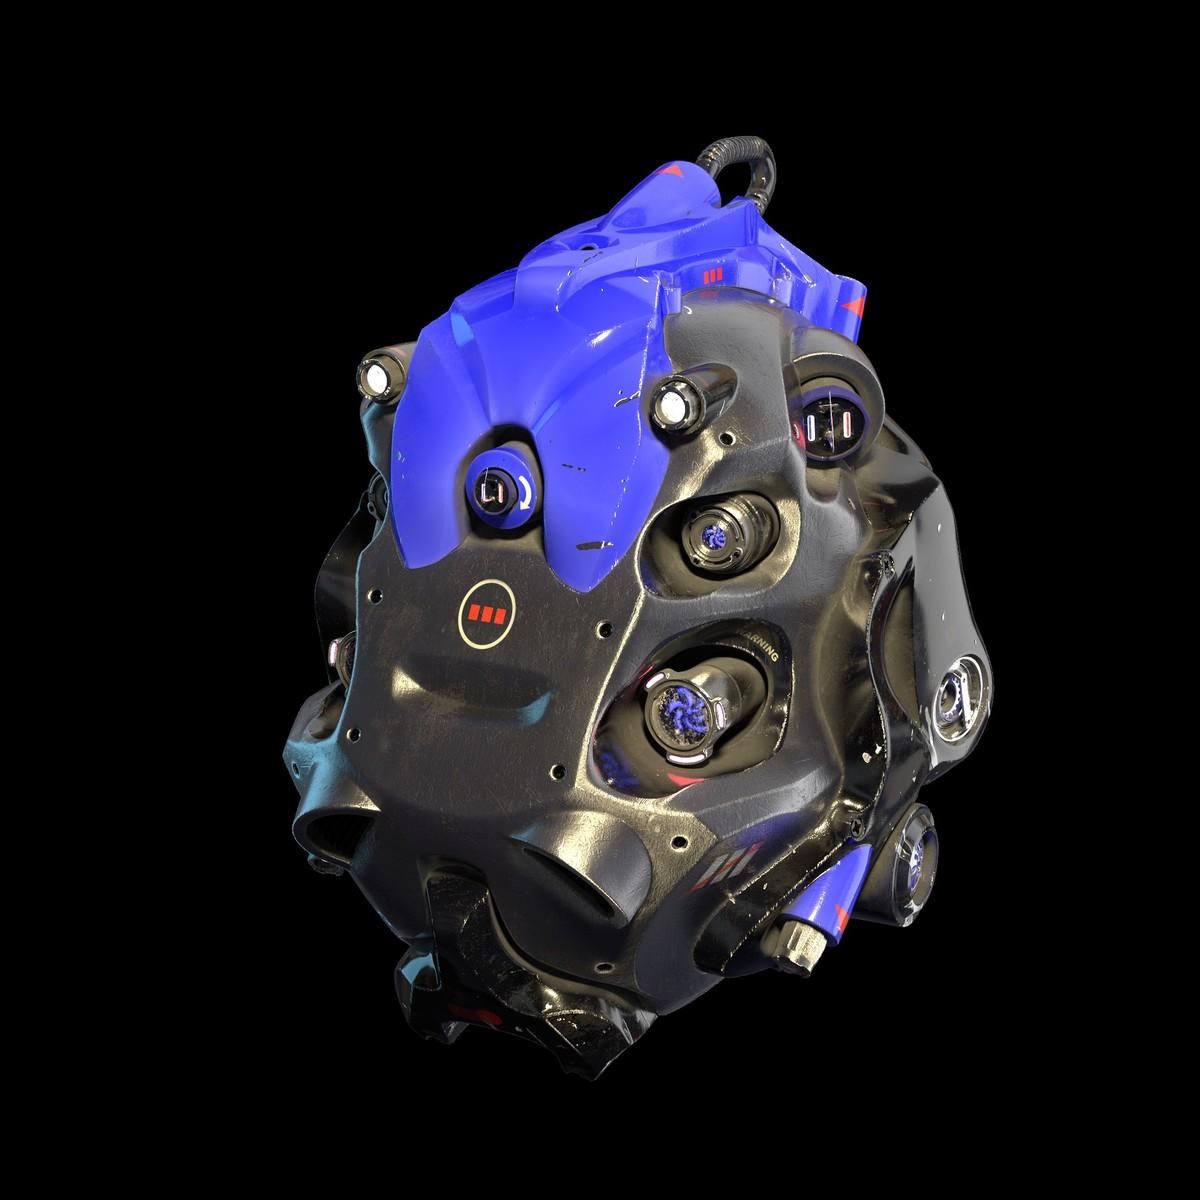 scifi helmet front 2kres